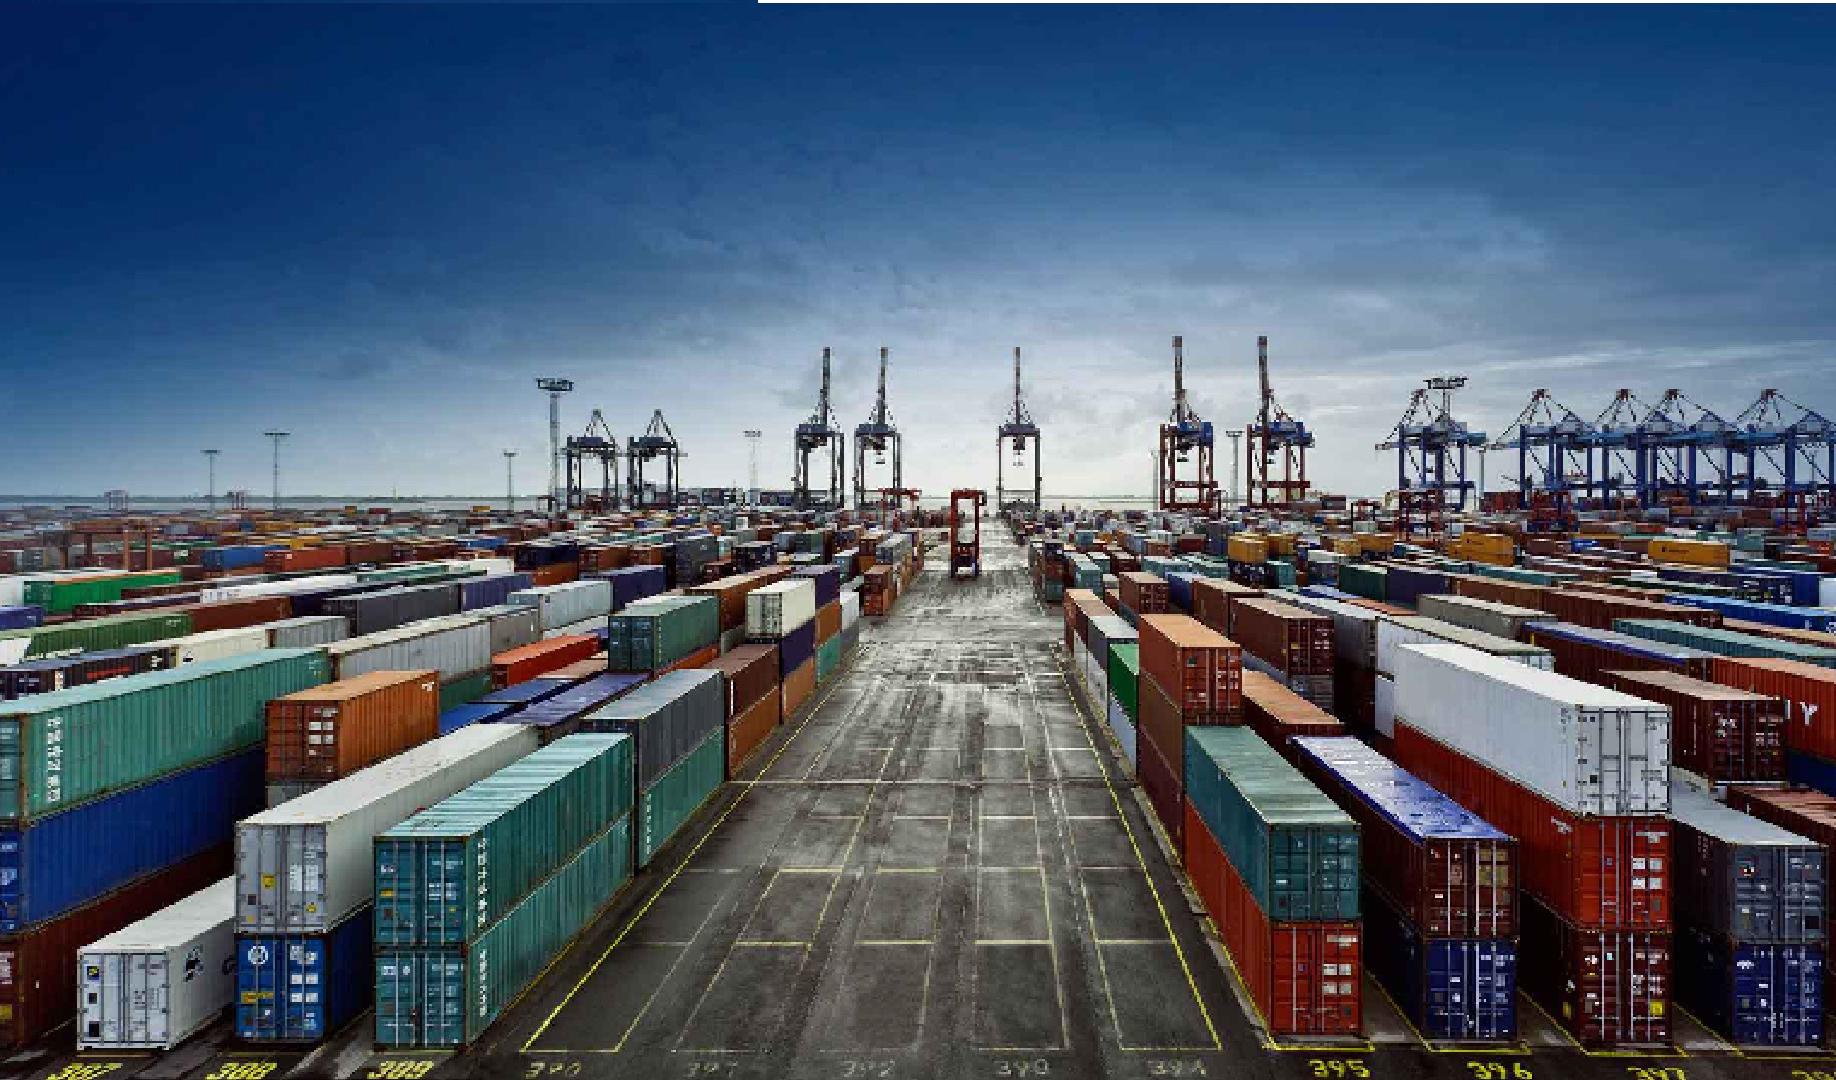 تجارت خارجی ۳۶.۵ میلیارد دلاری با همسایگان در سال ۹۹